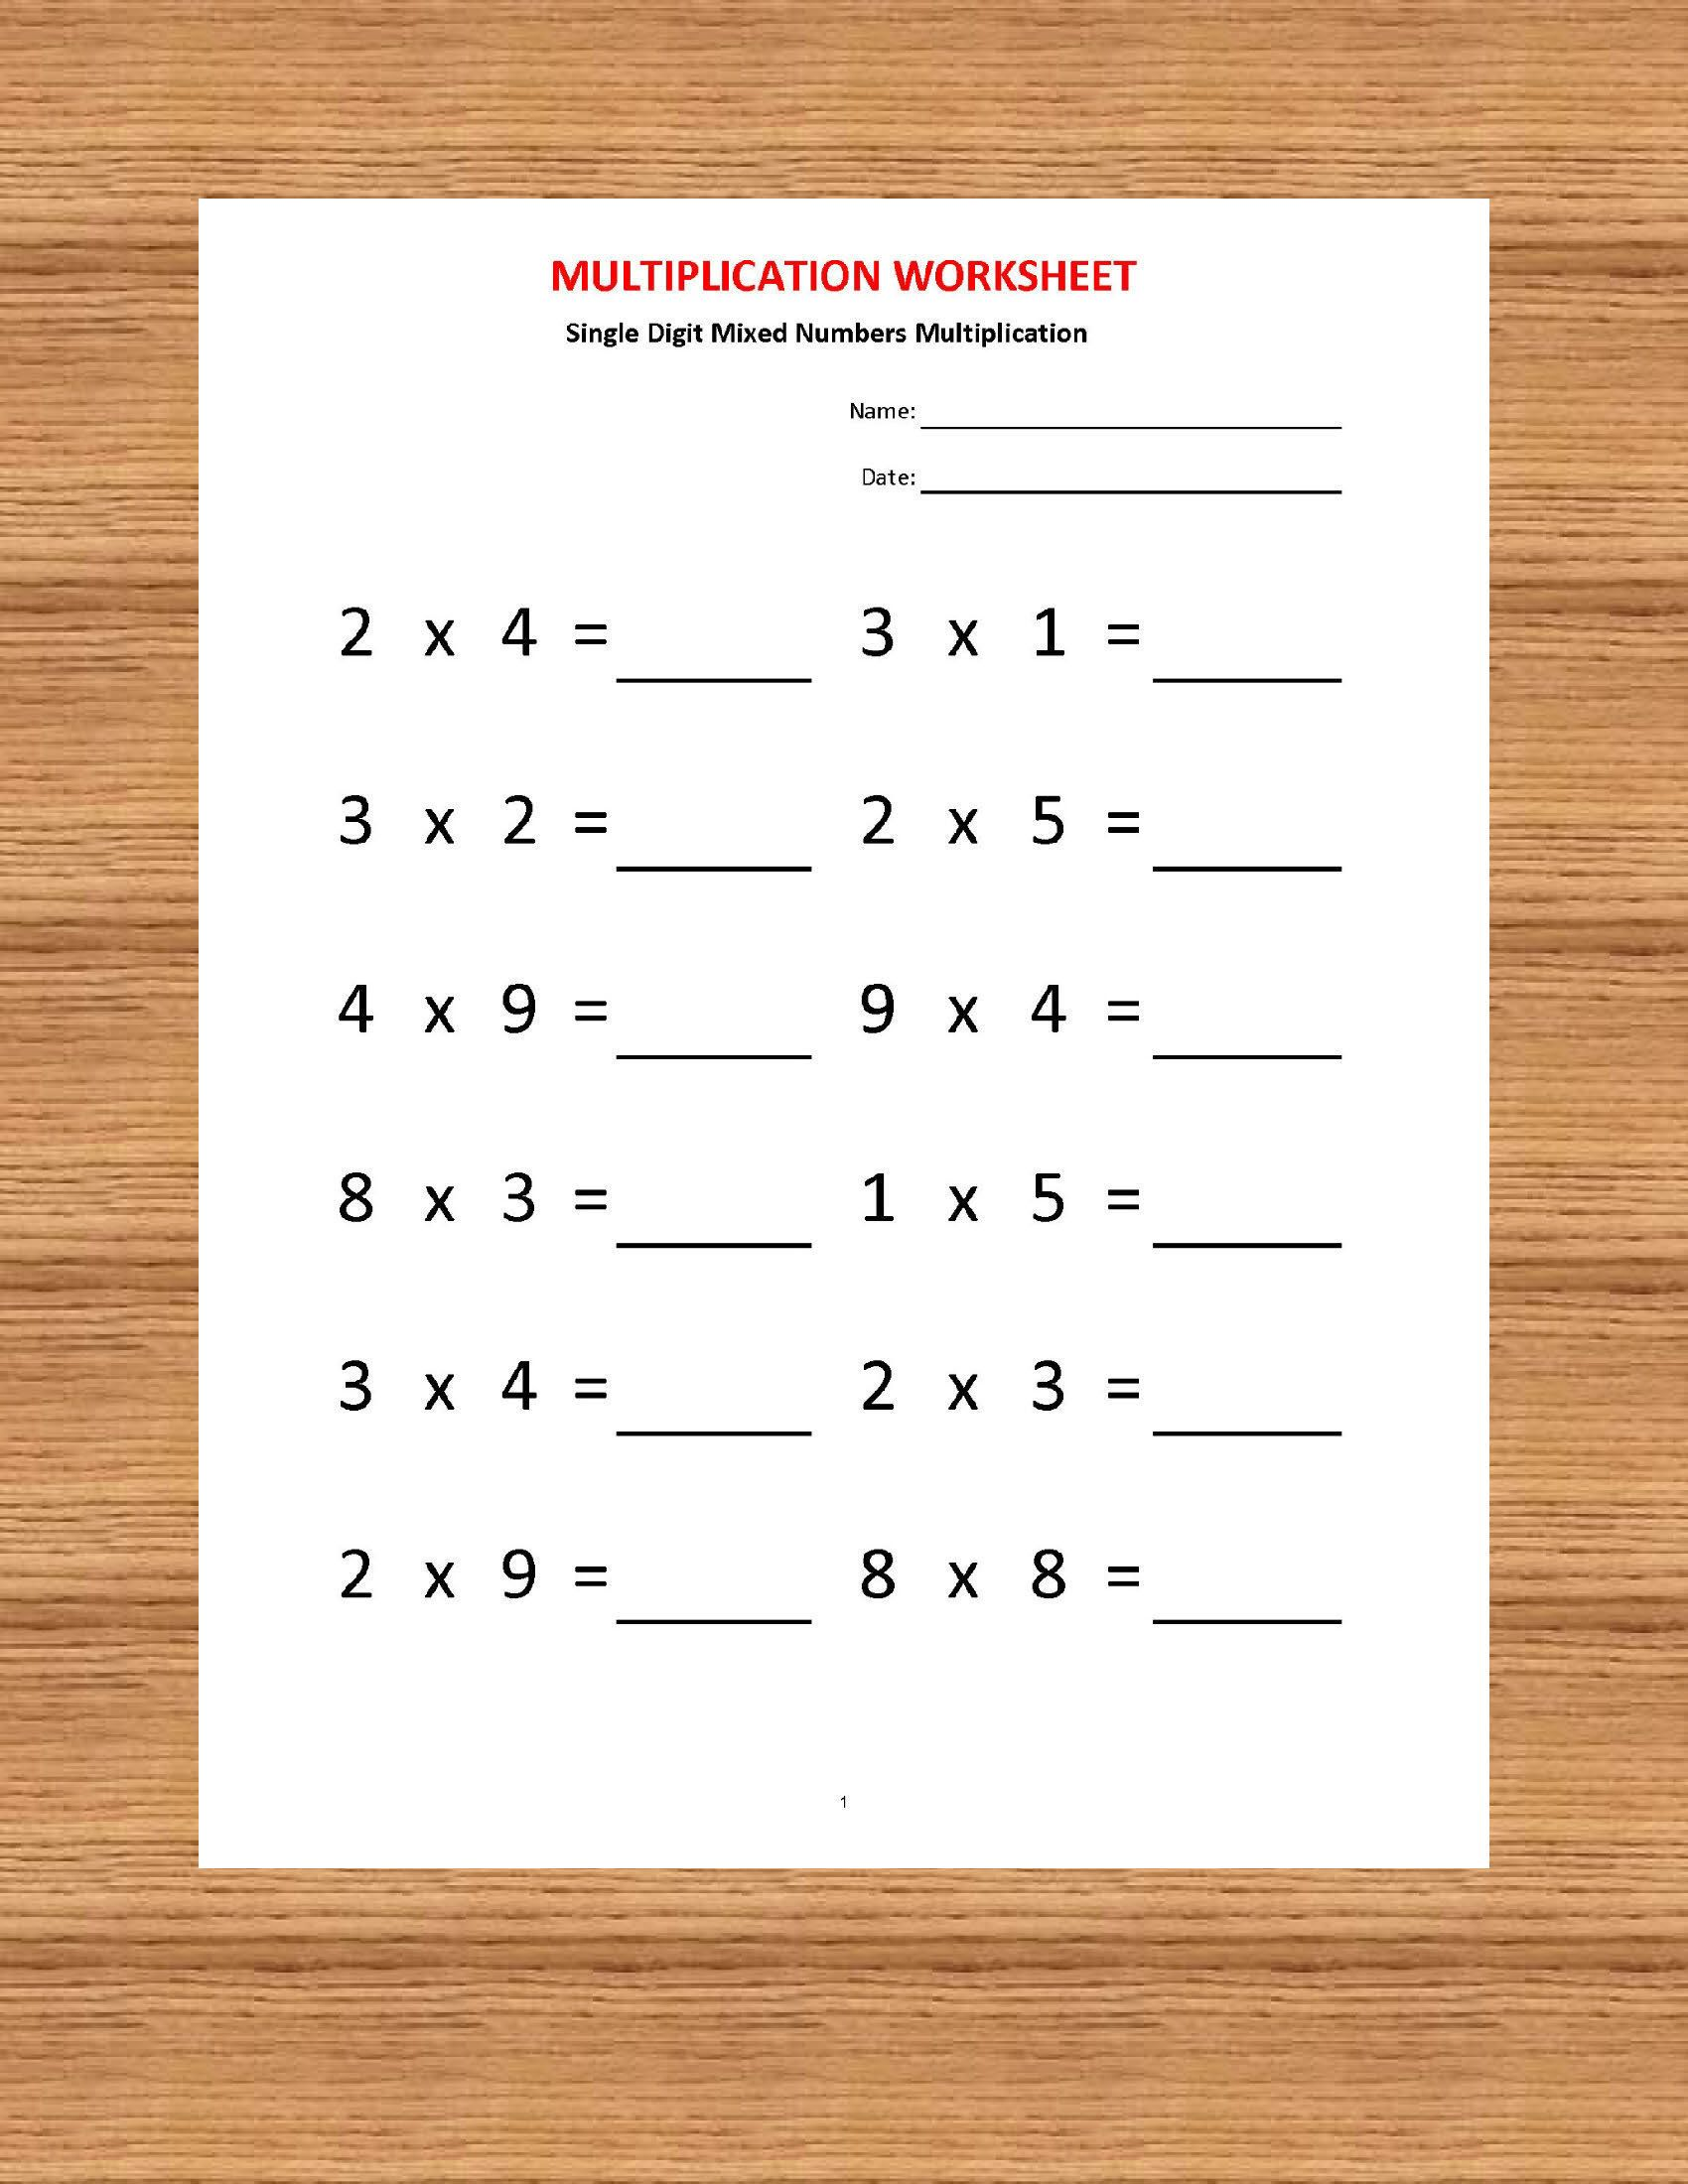 Multiplication Worksheets Printable Worksheets Etsy 2nd Grade Worksheets 2nd Grade Math Worksheets Math Fact Worksheets